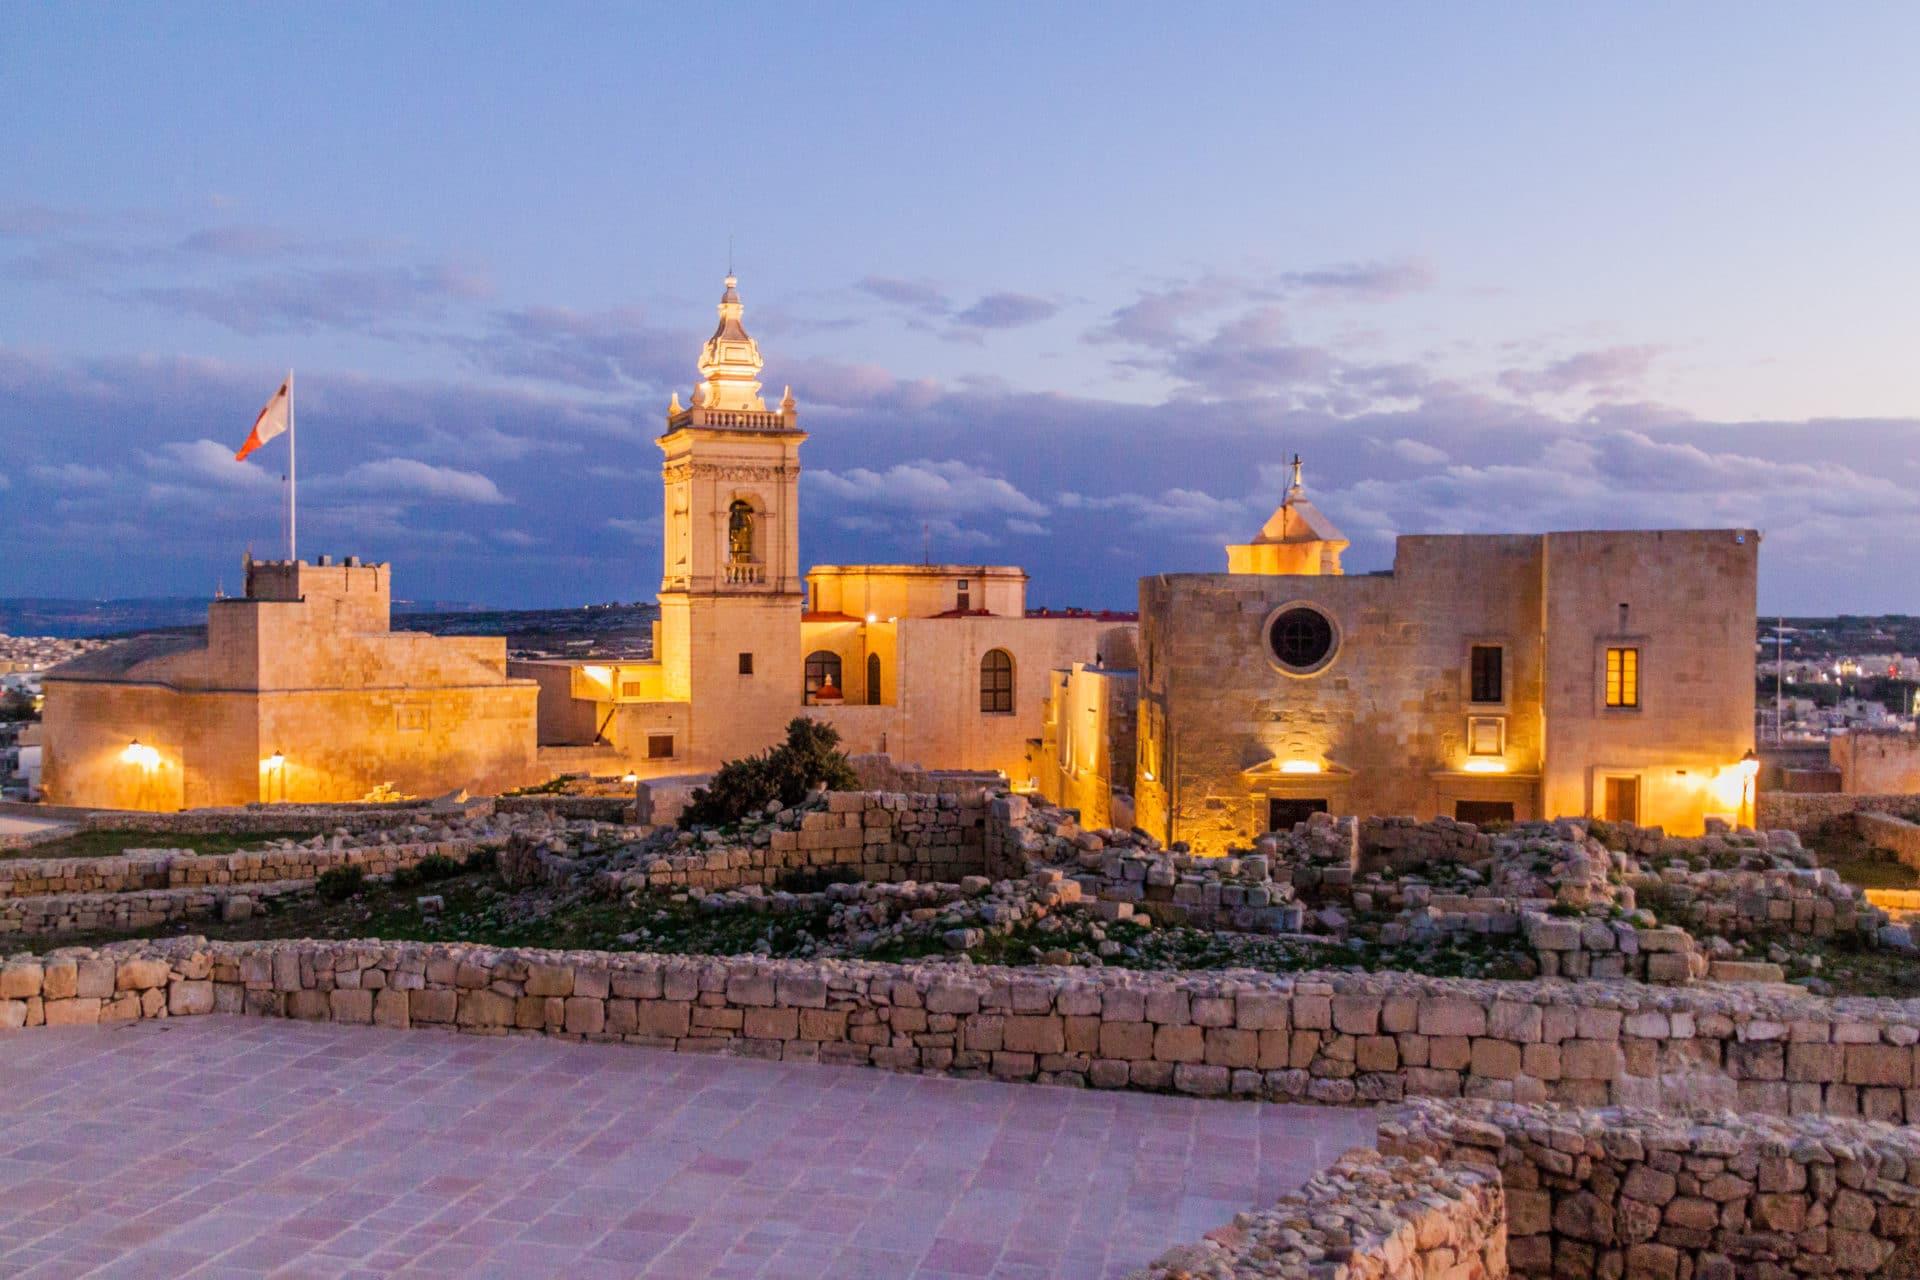 View of the Cittadella, citadel of Victoria, Gozo Island, Malta